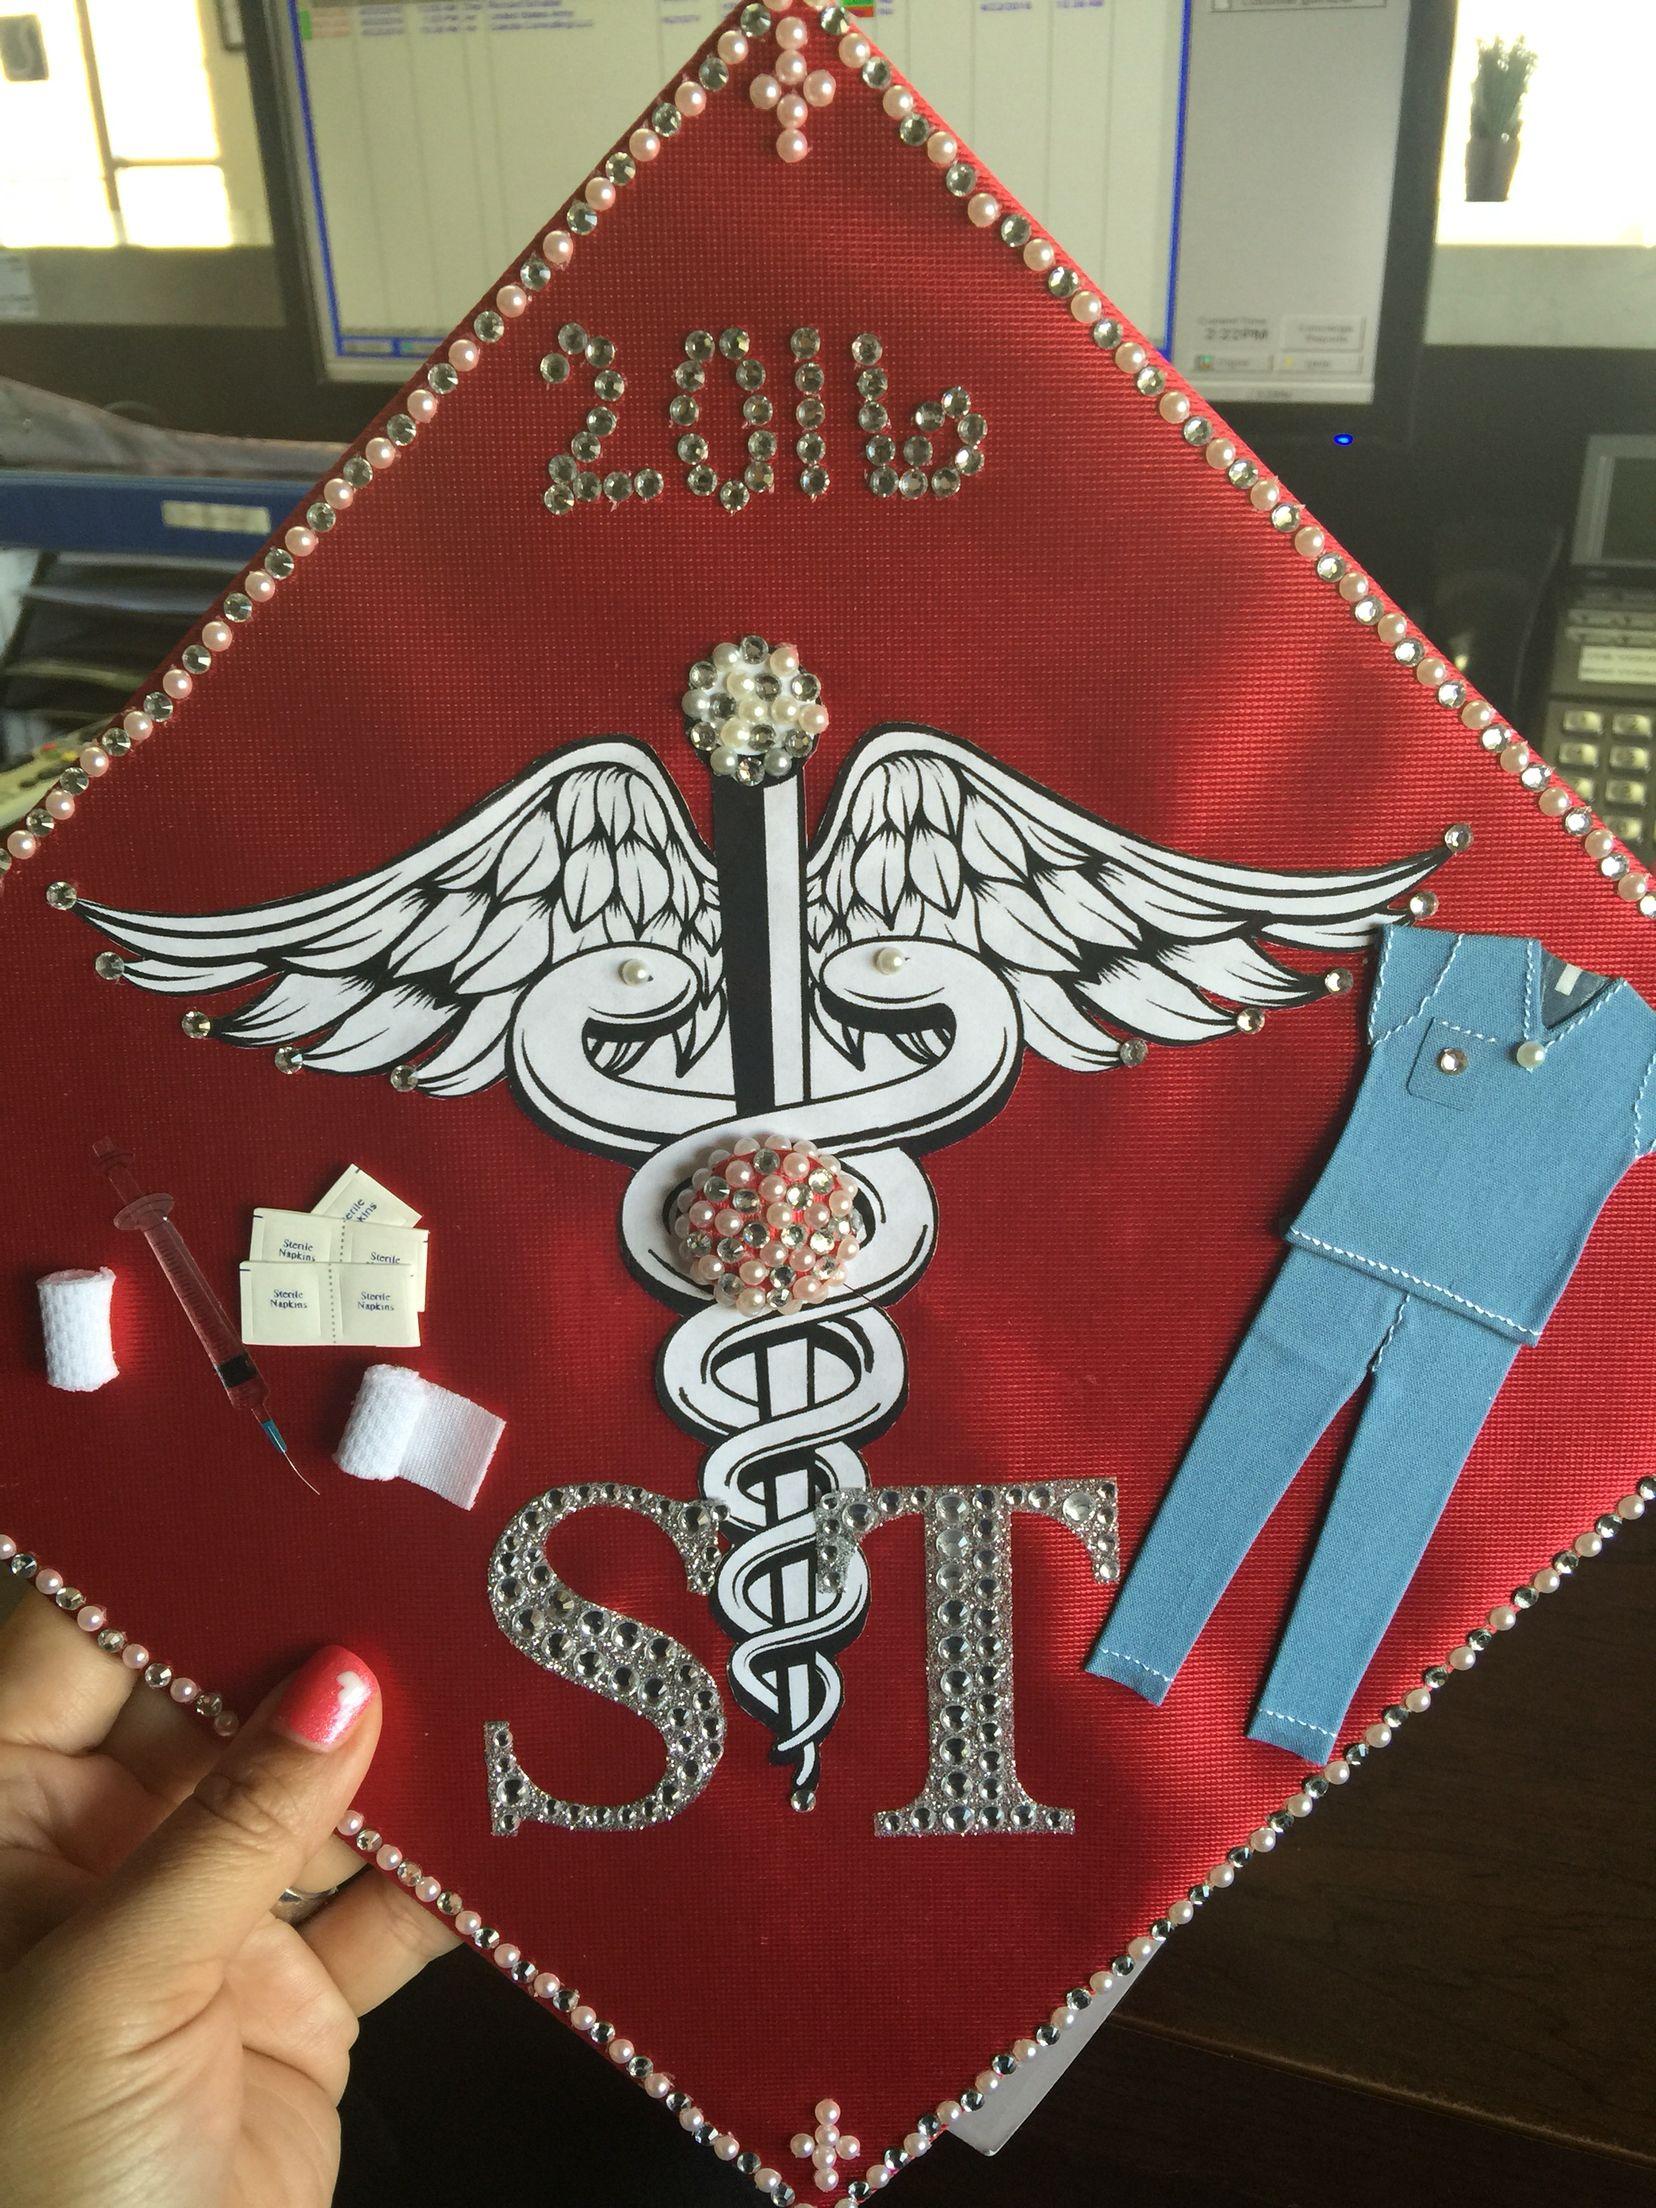 Graduation Cap For Surgical Technologist Graduation Cap Graduation Cap Decoration Surgical Technologist